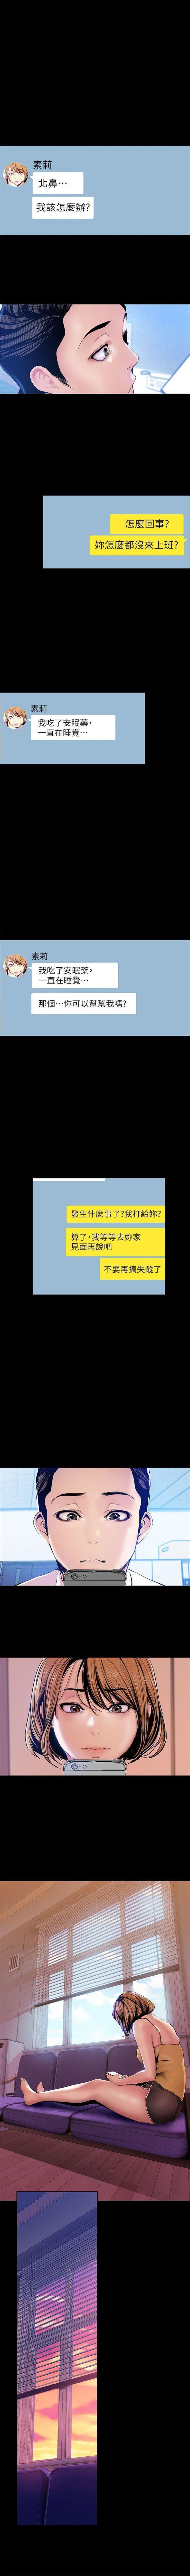 (週1)美麗新世界 1-70 中文翻譯 (更新中) 310